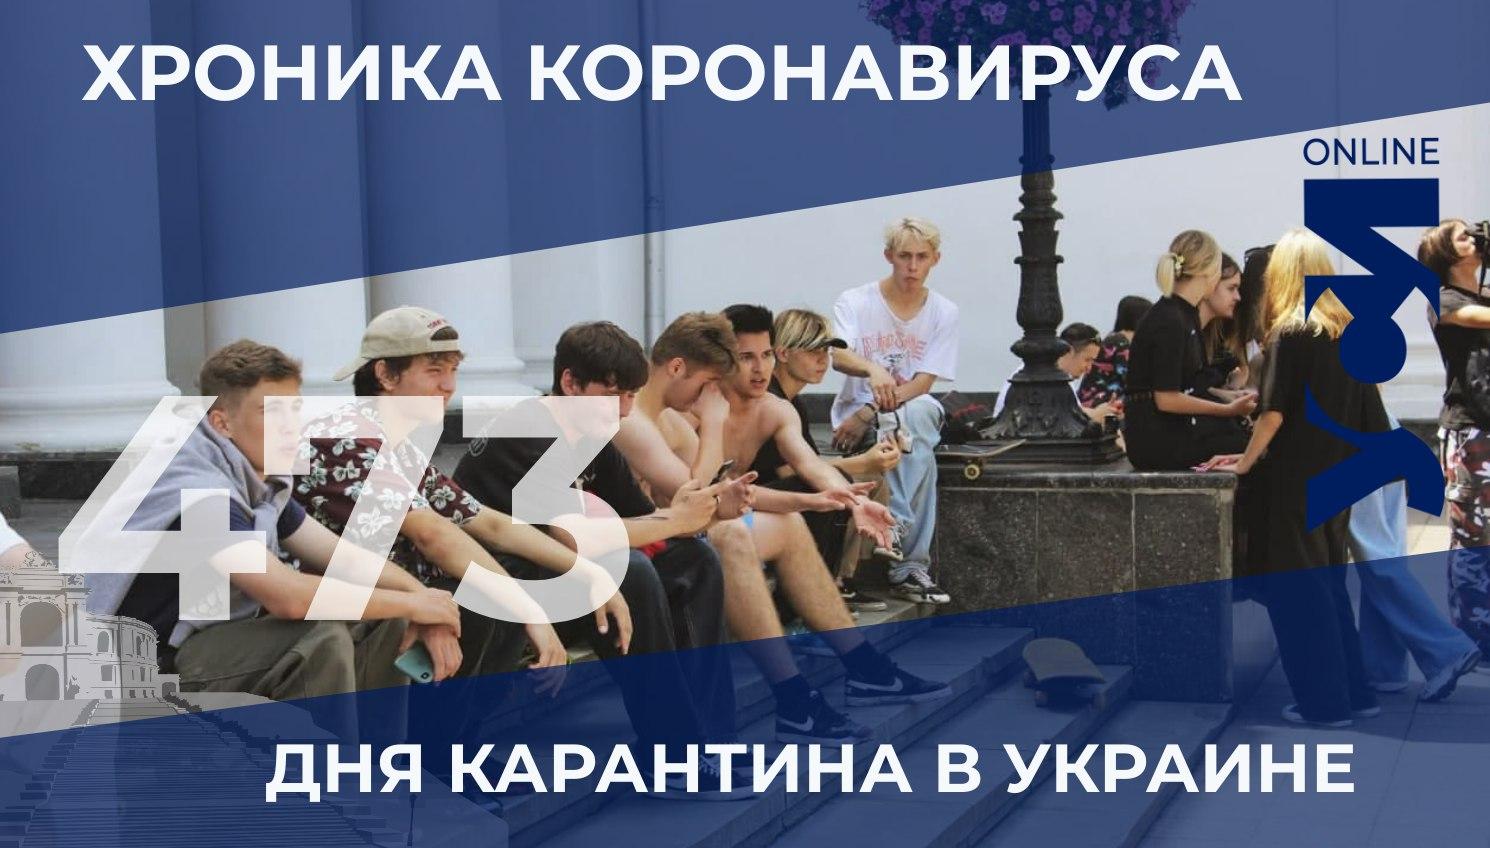 Хроника коронавируса: Одесская область на третьем месте «фото»